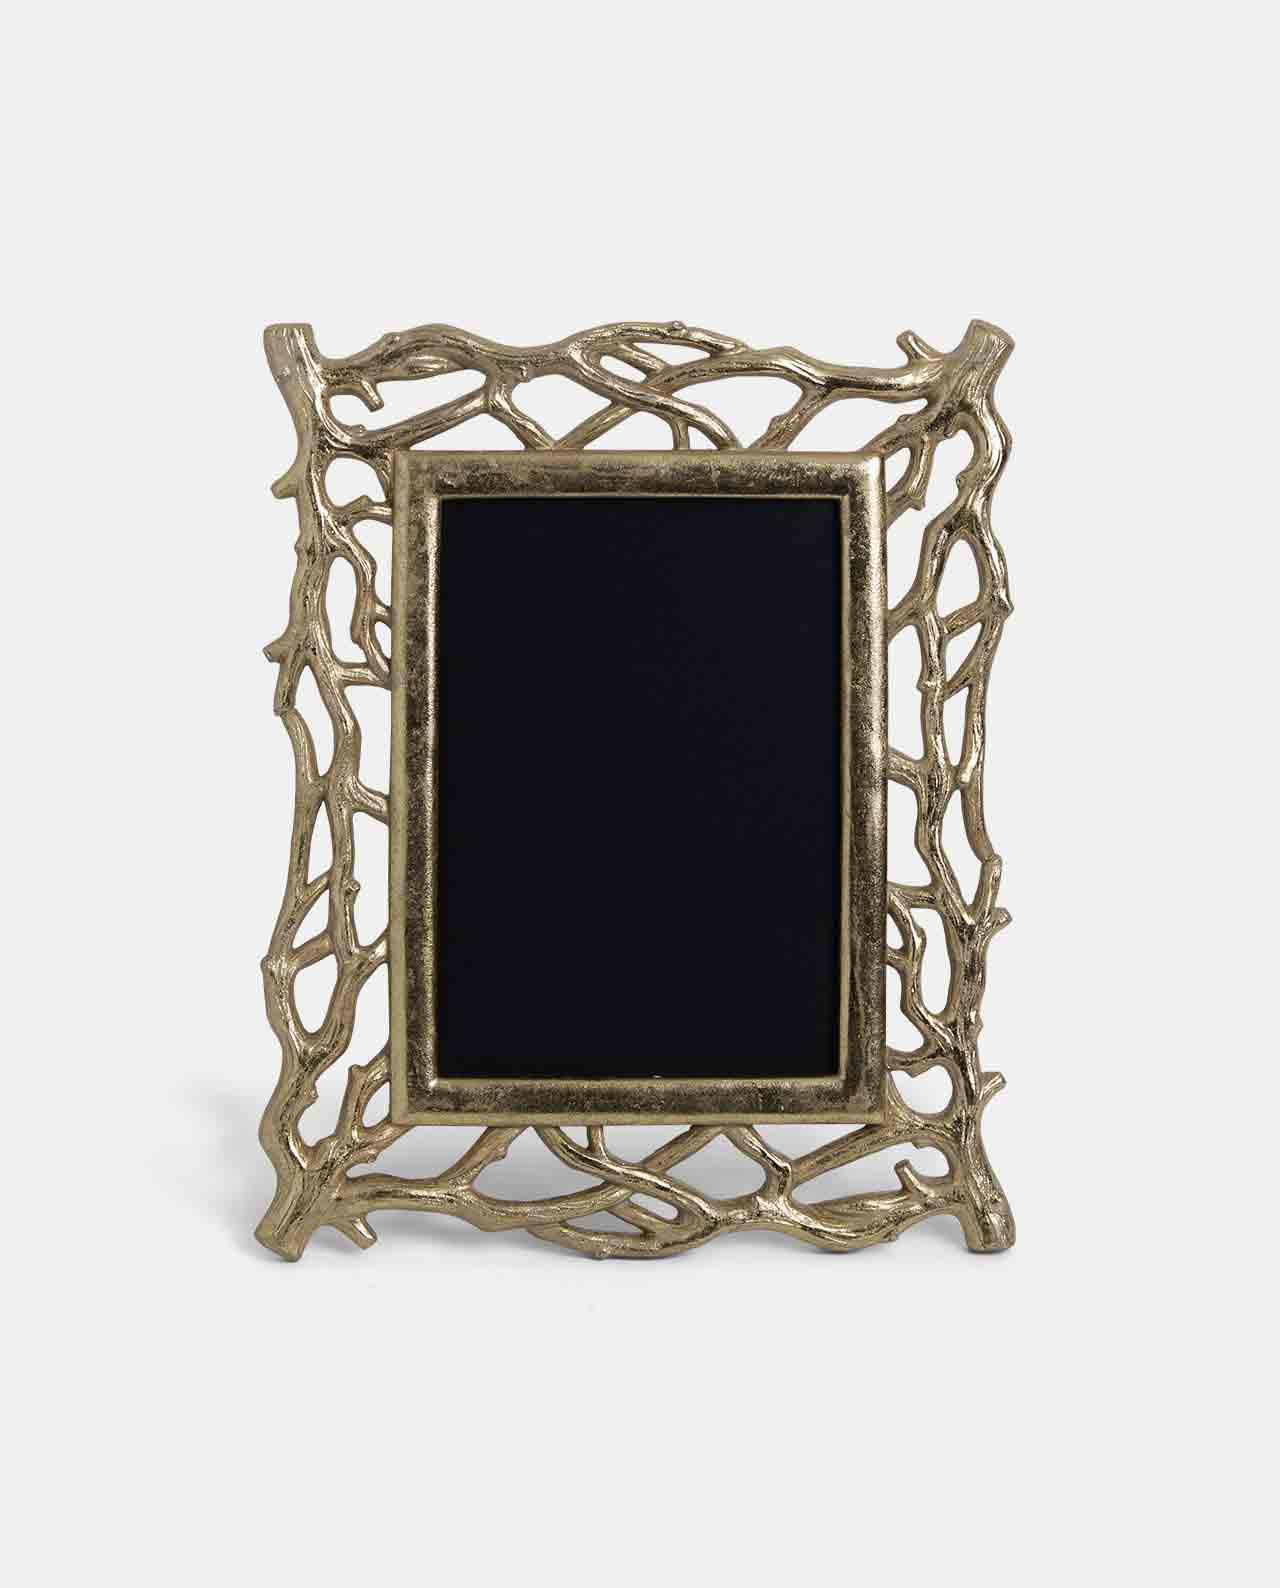 Large Gold Decoratorative Twig Photo Frame